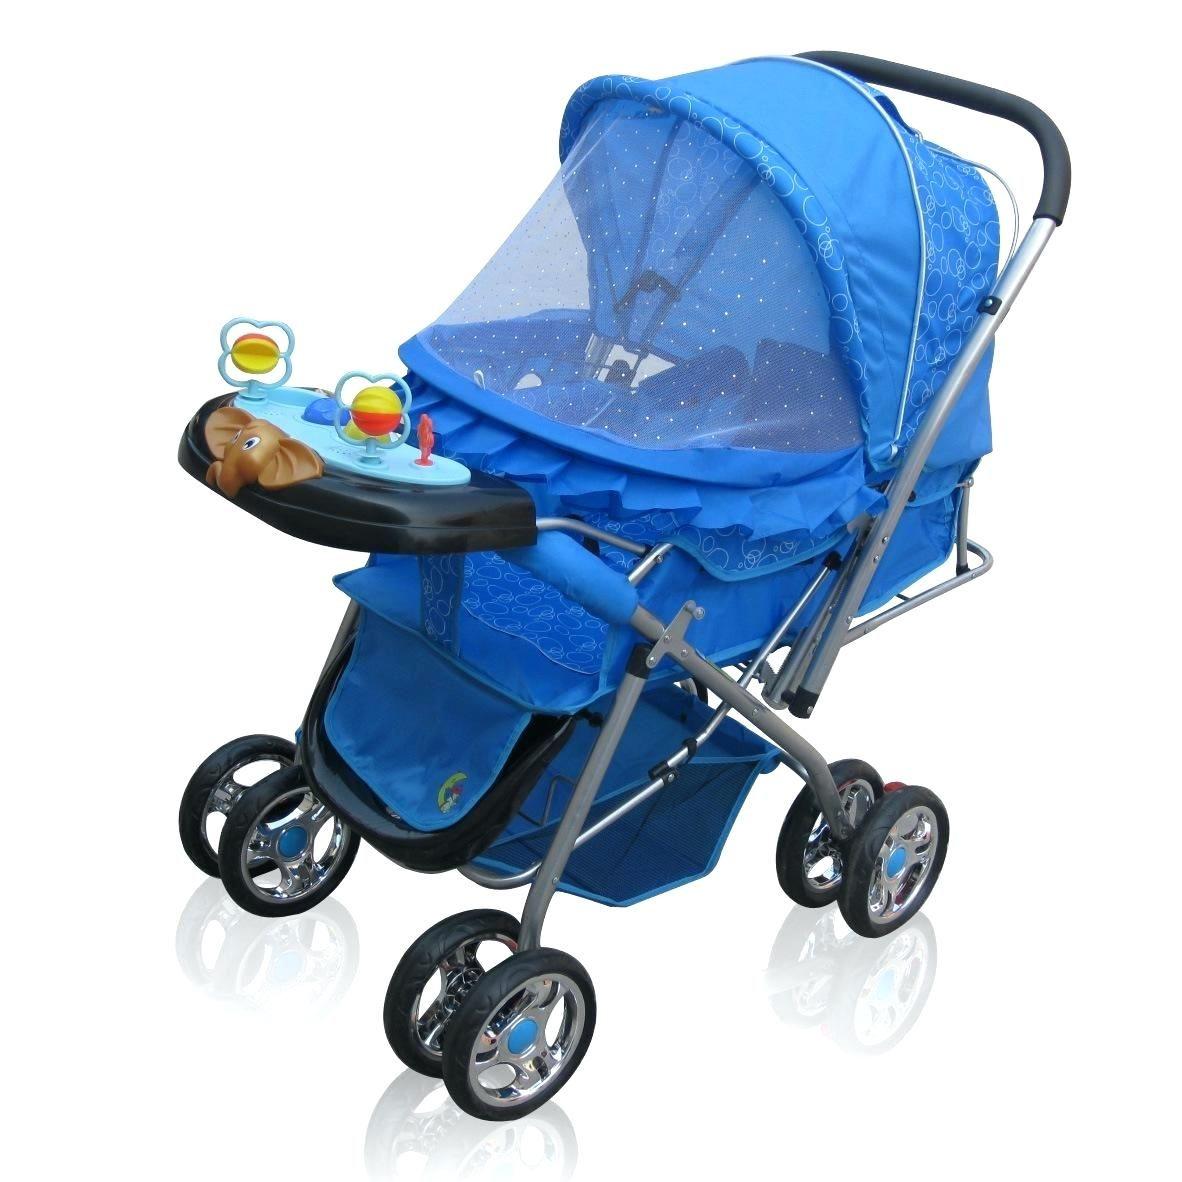 Orbit Kinderwagen Travel Bag Europäische Hersteller